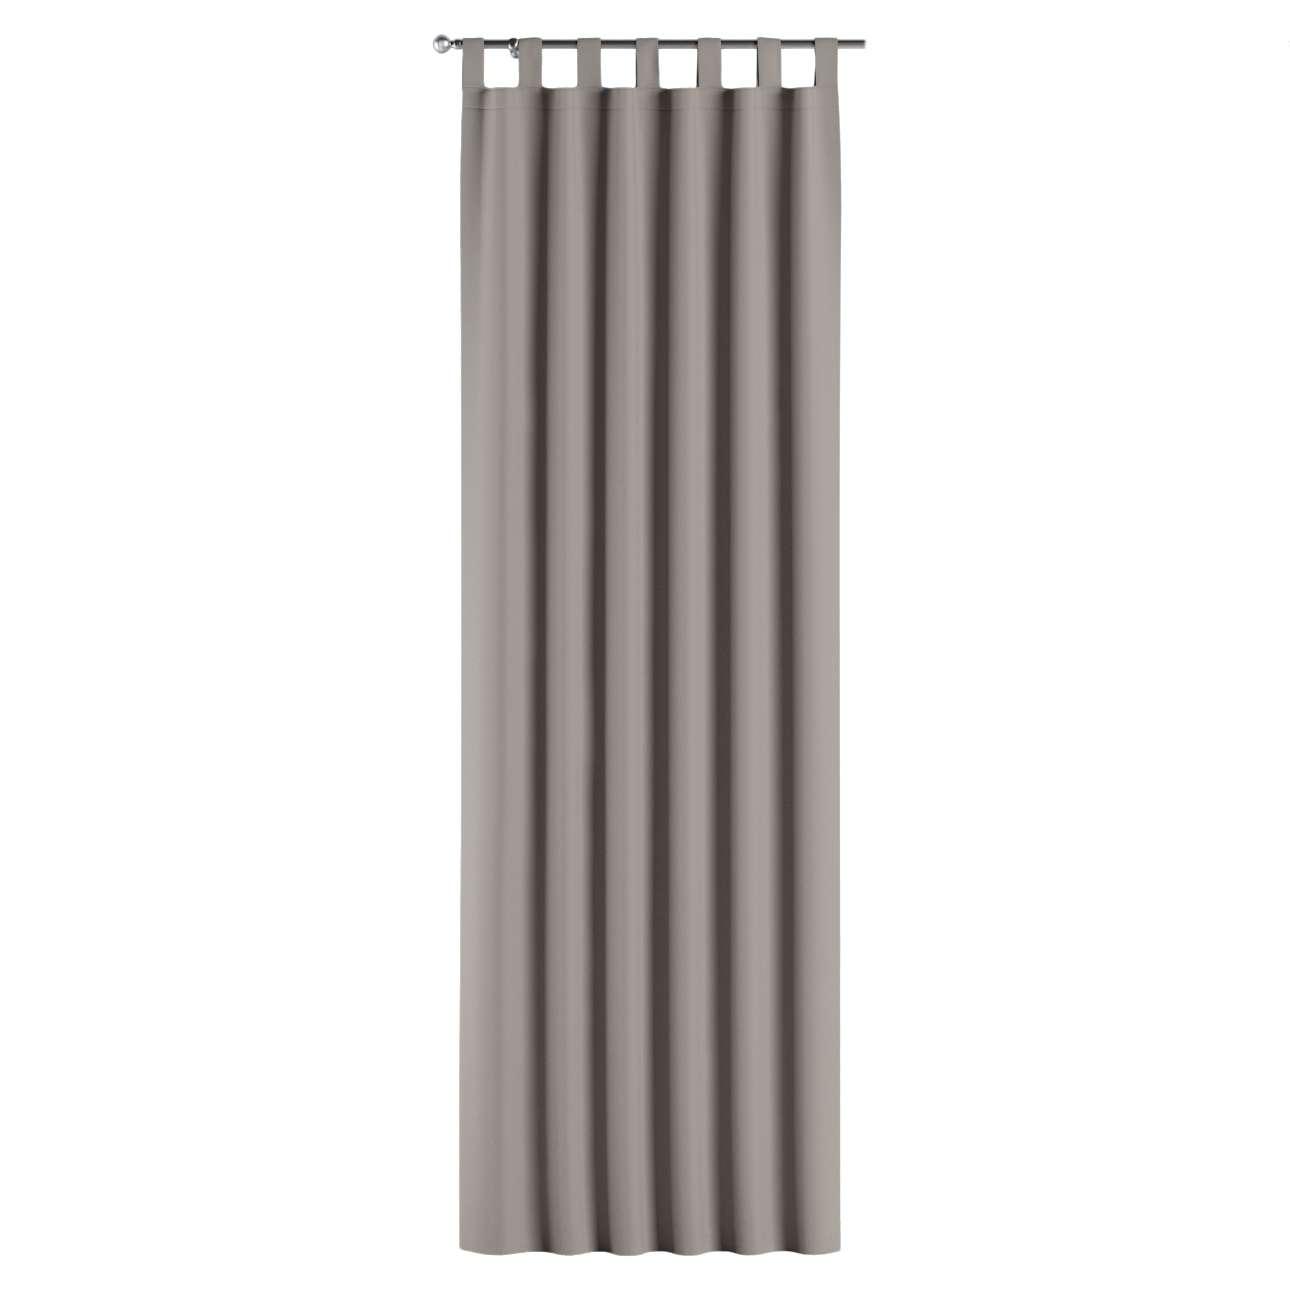 Kilpinio klostavimo užuolaidos (Blackout) 1vnt 140x260 cm kolekcijoje Blackout, audinys: 269-81